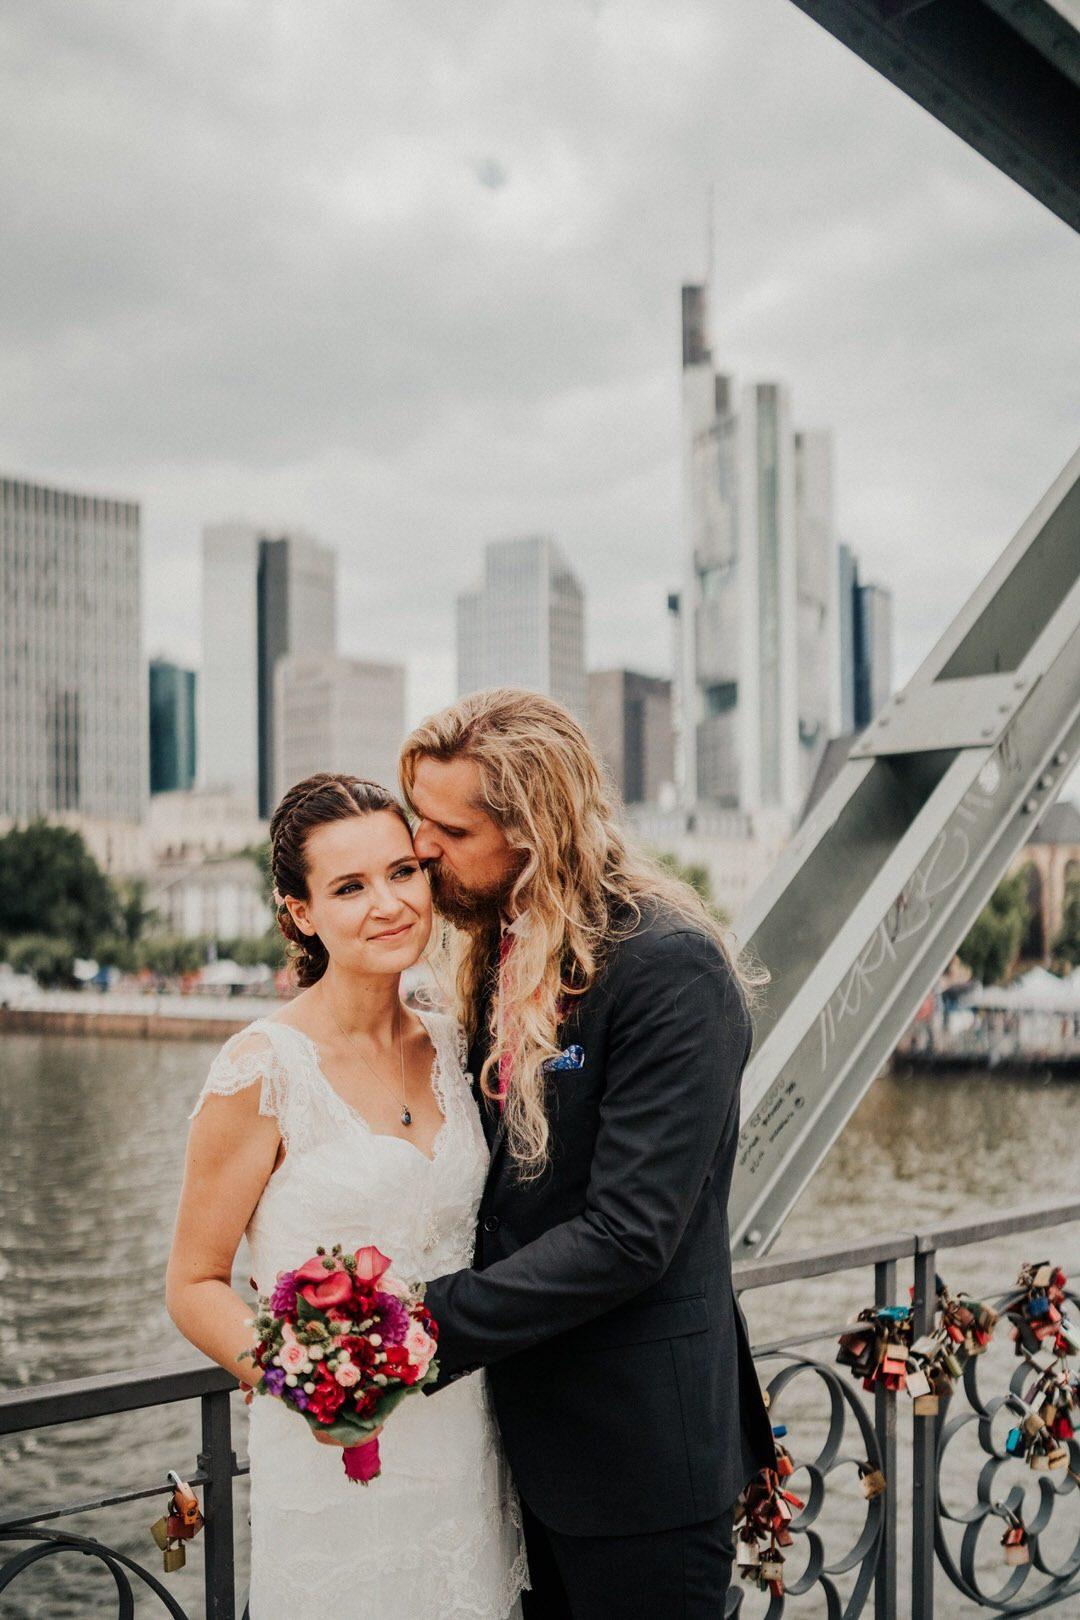 Emotionale Hochzeitsfotos auf der Brücke Eiserner Steg vor der Frankfurter Skyline